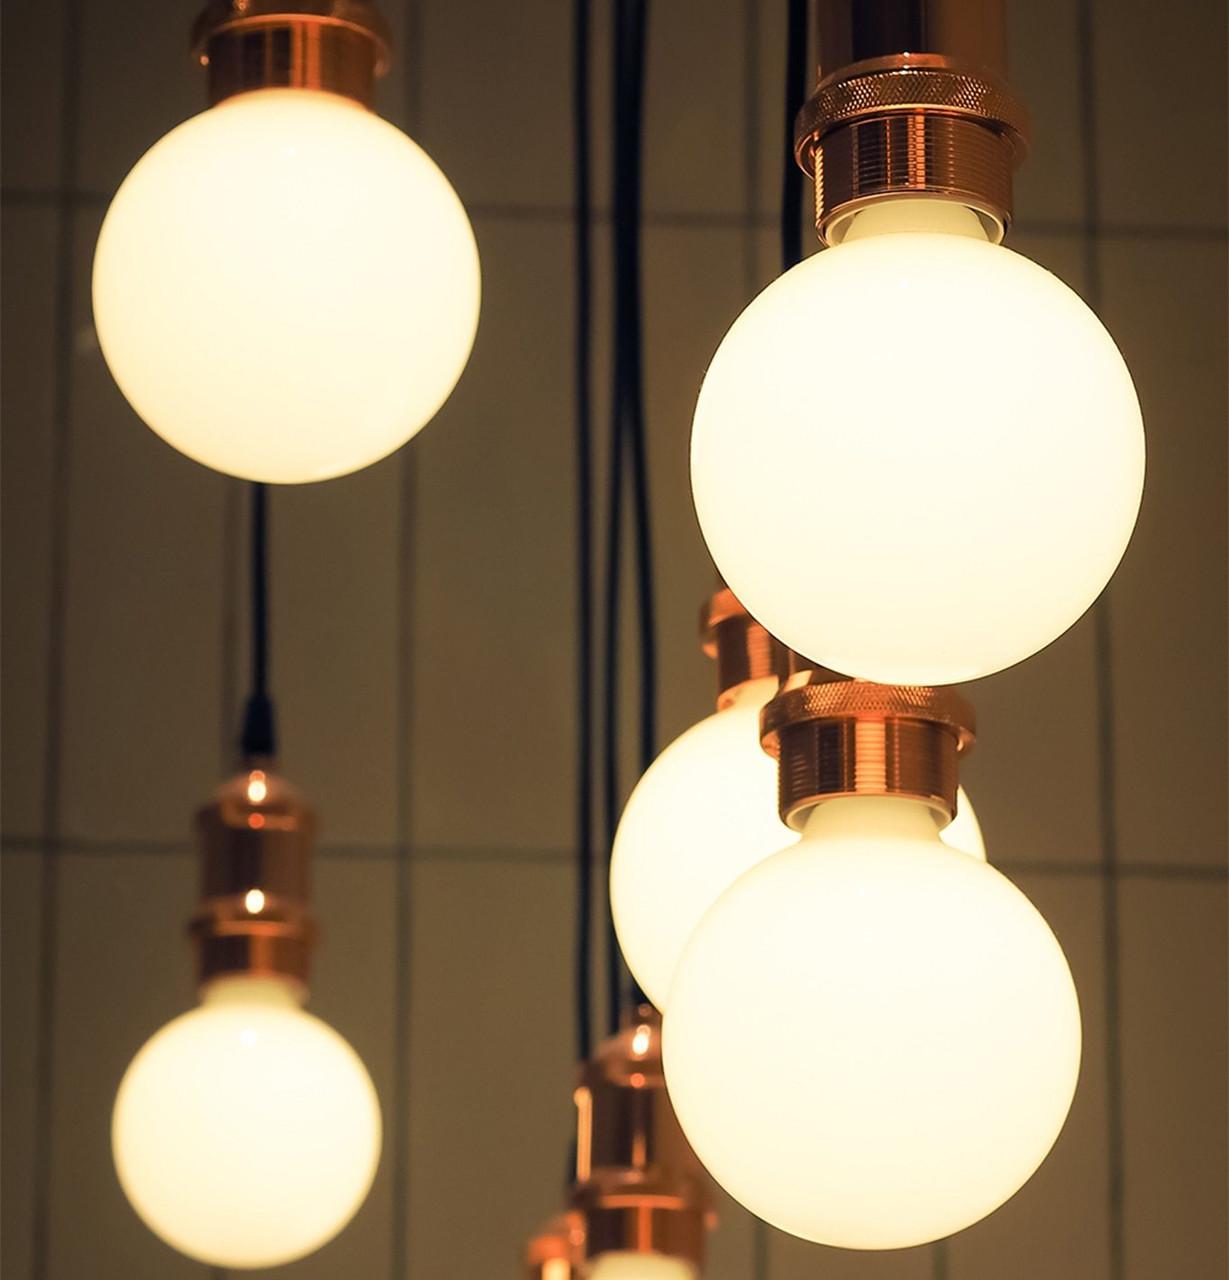 LED G95 2700K Light Bulbs